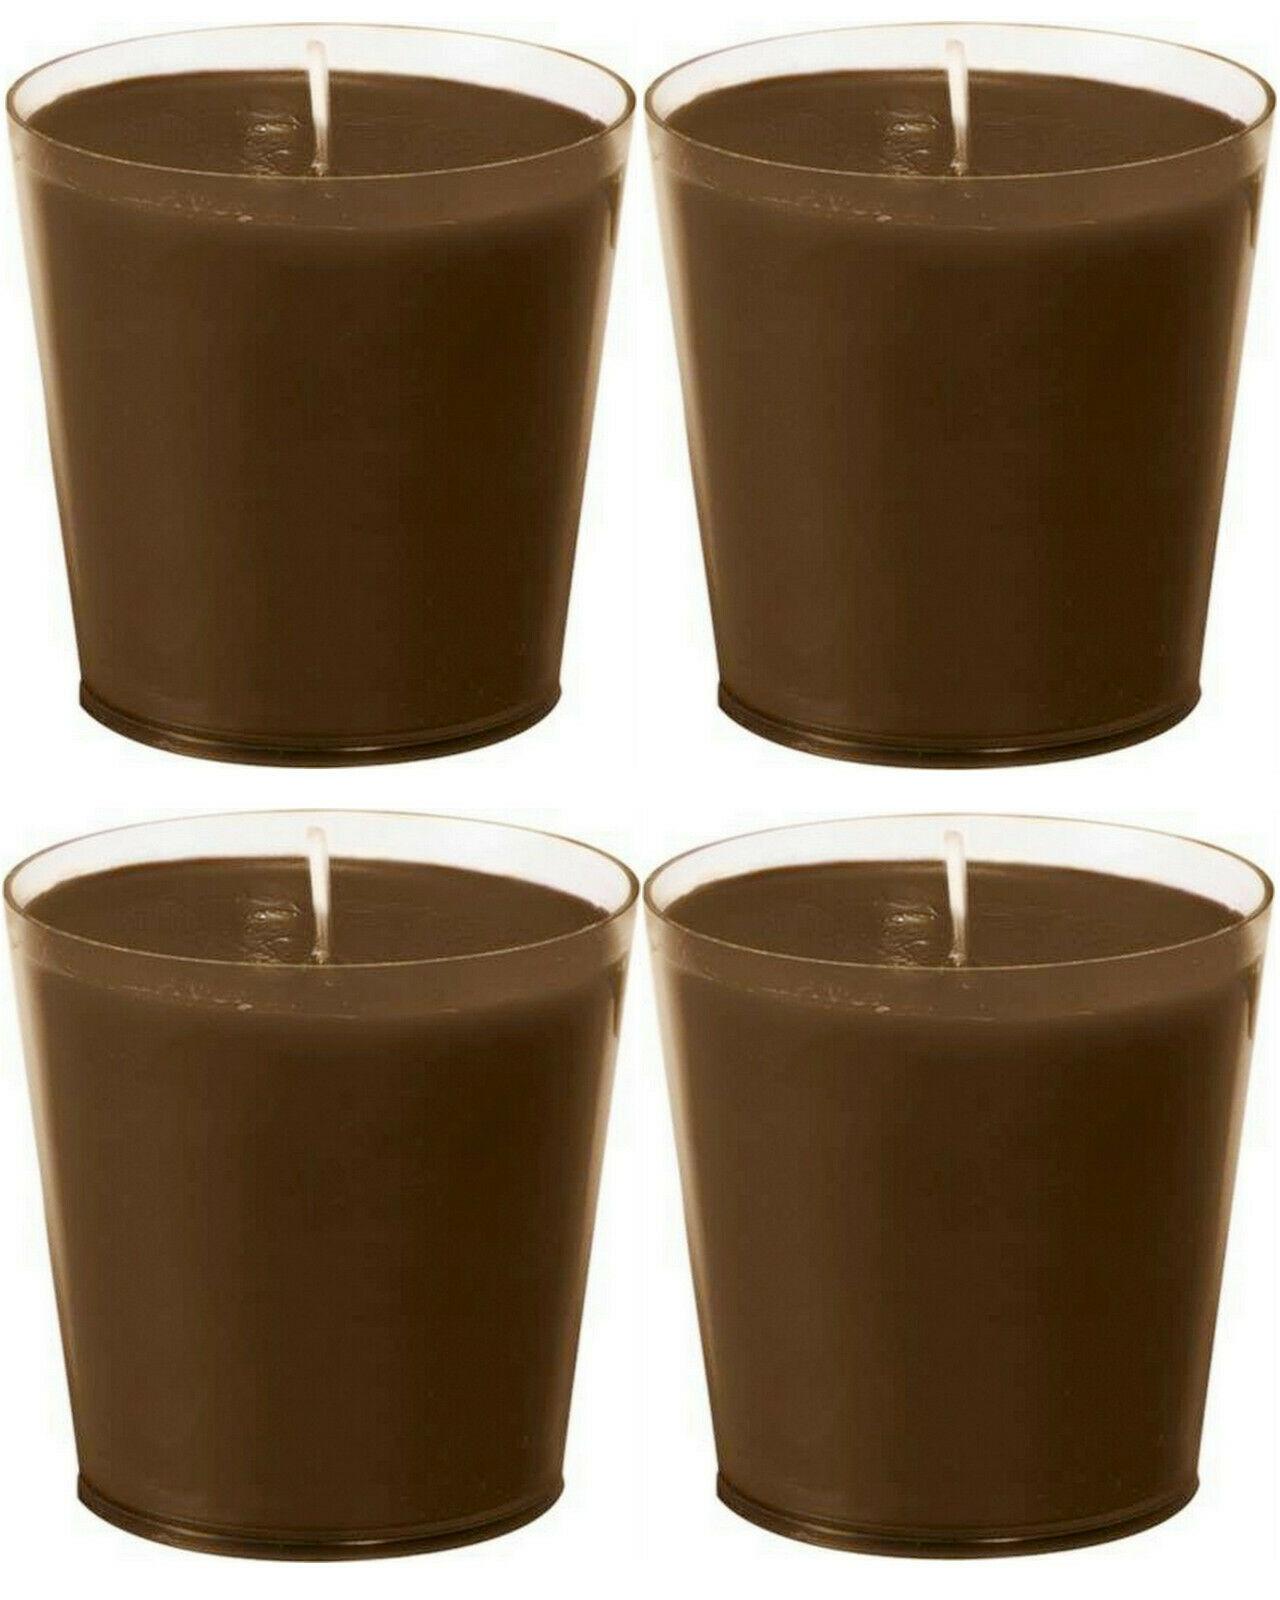 12 Stück Nachfüller Kerzen Acryl Cup 65 x 65 mm Nachfüll-Lichte Refill 30h Braun